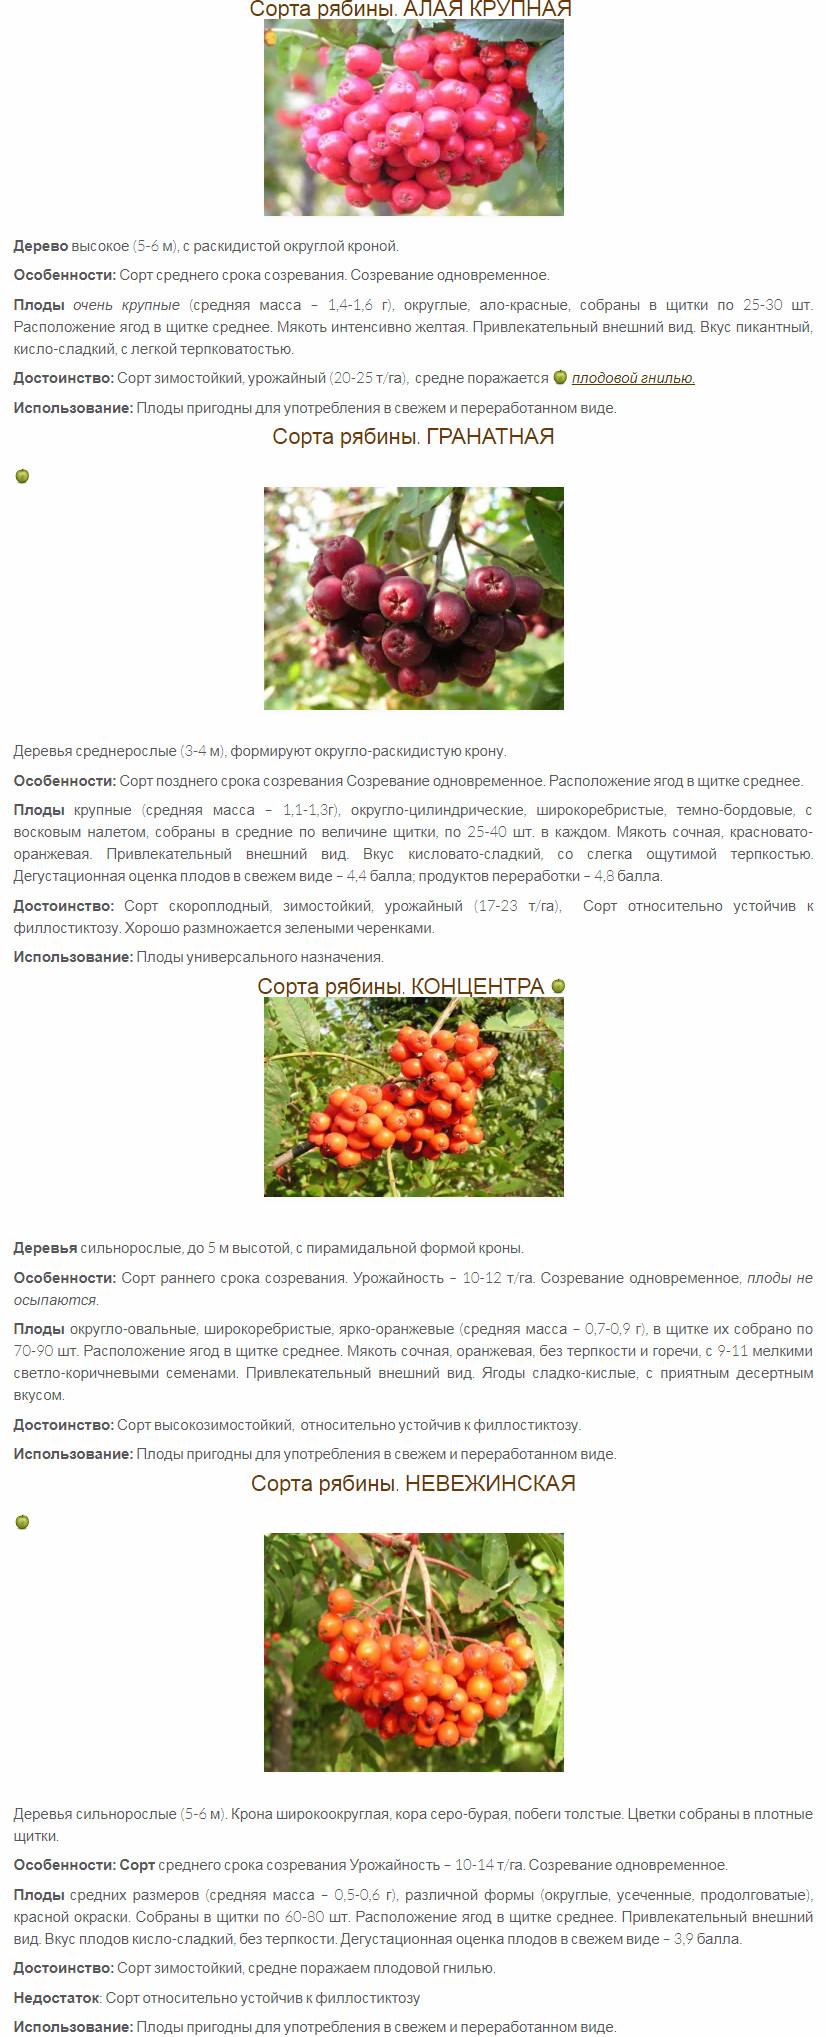 Большинству людей знакомы горькие ягоды рябины, но выведены сорта сладкой рябины, плоды которые можно употреблять в свежем виде, приготавливать варенье, джемы, компоты. Ценность таких ягод - в высоком содержании биологически активных веществ и целого ряда витаминов А, С, Р и др. Сладкие рябины начинают приобретать все большую популярность. Сладкие плоды у рябин бузинолистной, моравской, финляндской. Очень популярна разновидность рябины обыкновенной - Невежинская. Она была найдена в лесу у села Невежино Владимирской области еще в XIX веке. Разводят следущие сорта сладкой рябины Невежинской: Кубовая, Желтая, Красная, Сахарная, Крупноплодная. Интерес представляют и сорта, отобранные И. В. Мичуриным и его последователями: Ликерная, Гранатная, Десертная, Бурка, Красавица, Рубиновая, Титан, Алая крупная. Наиболее часто встречаются в продаже следующие сорта Как вырастить сладкие сорта рябины Размножают рябину семенами, прививкой, отводками, корневыми отпрысками и зелеными черенками. Видовые рябины размножают посевом семян. Высевают свежесобранные плоды с косточками в октябре на глубину 3-4 см. Всходы появляются весной. Сеянцы зацветают и начинают плодоносить на 6-7-й год. Привитые саженцы плодоносят на 4-5-й год. В своем саду развожу рябину Финскую. У нее красивая крона, полуперистые листья. Плоды крупные, удлиненной формы, красные, кисловато-сладкого вкуса, несколько мучнистые. Убедился, что это замечательное зимостойкое и урожайное растение. Плоды пропускаем через мясорубку и варим вкусное варенье.